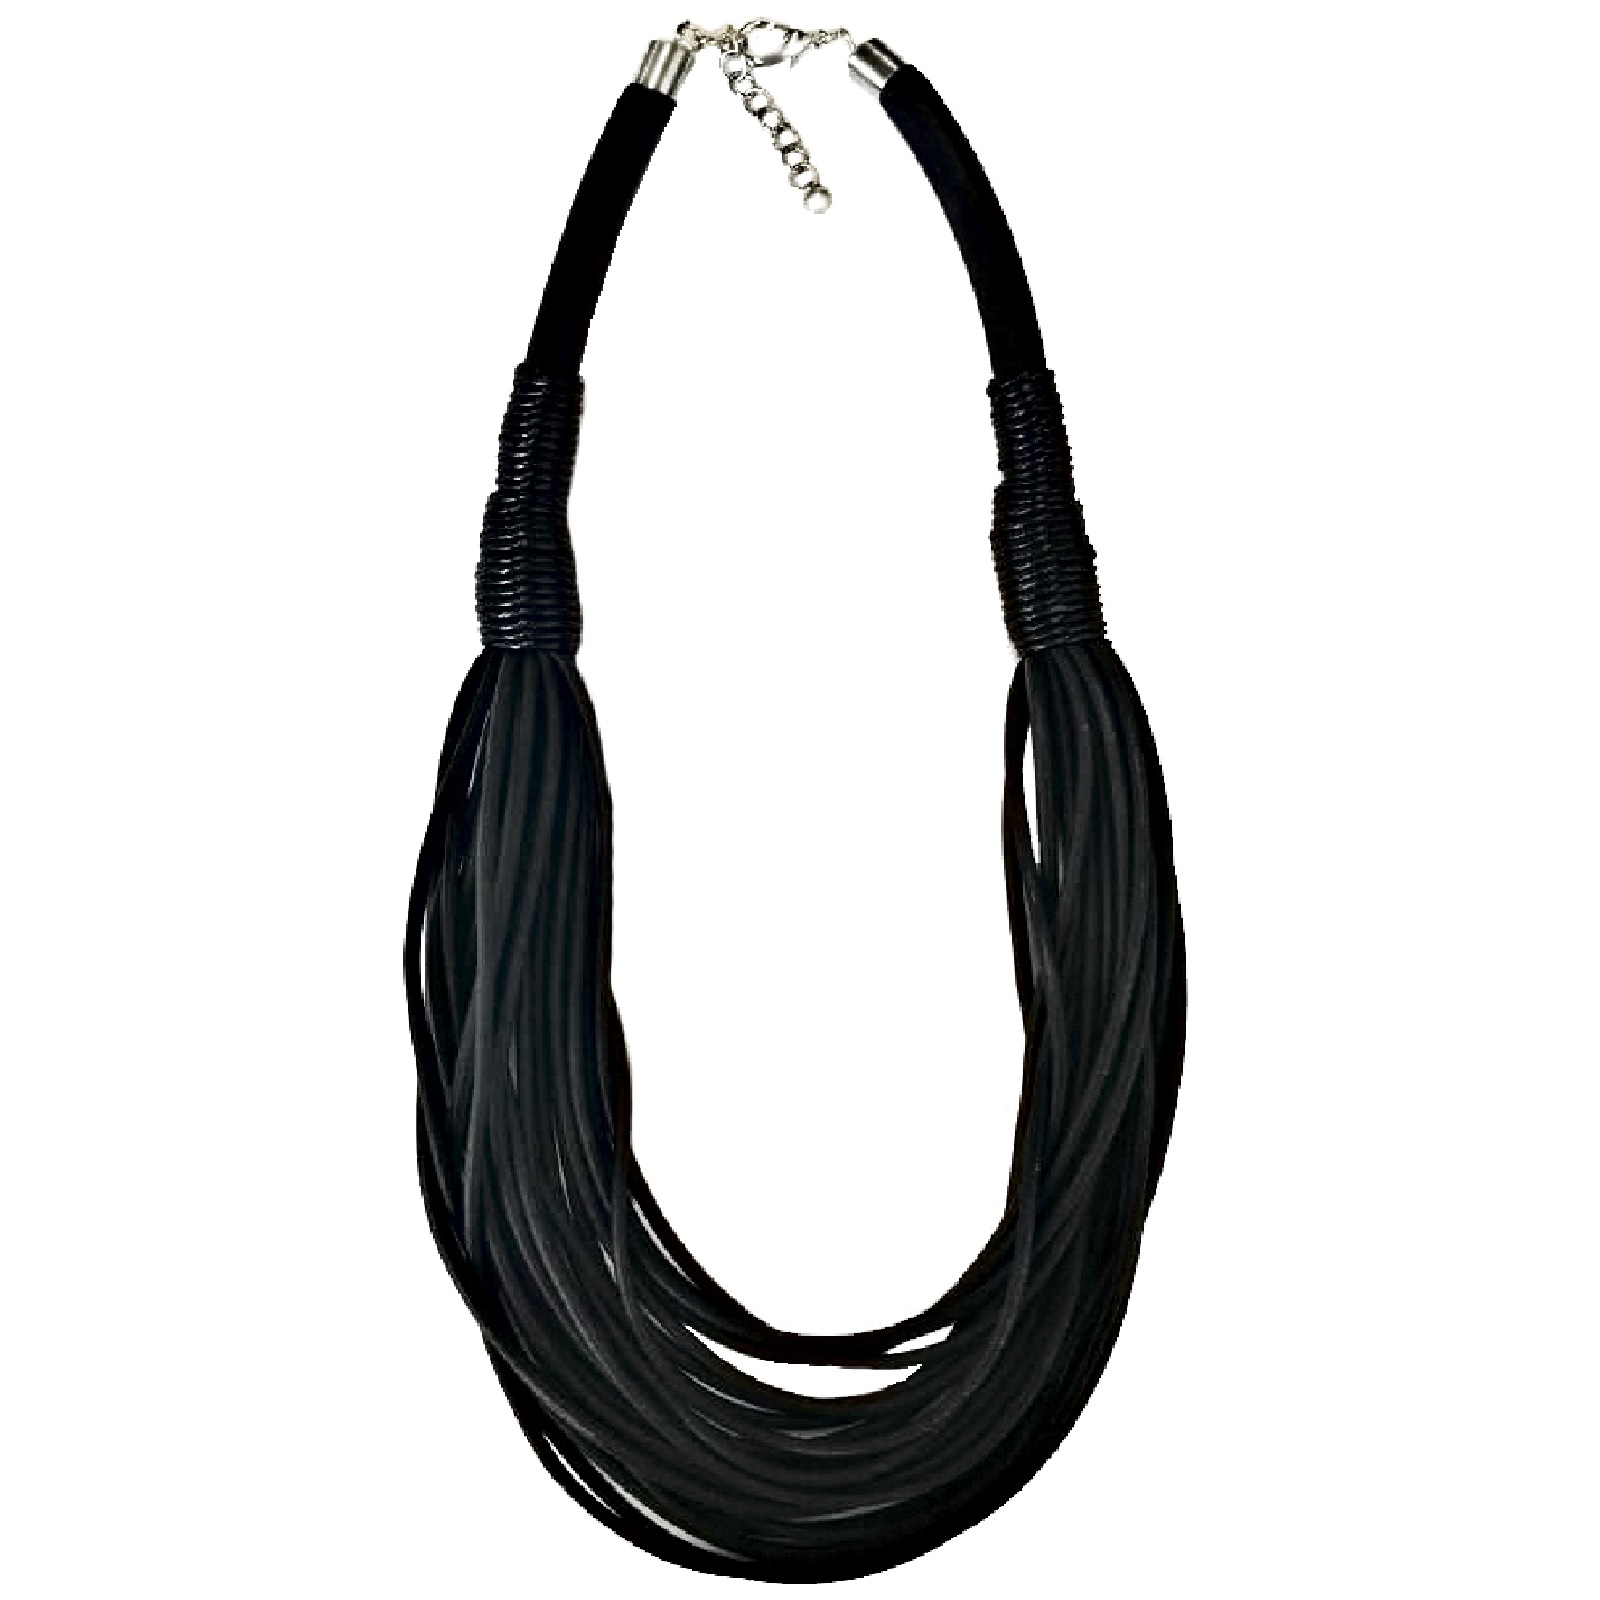 Колье/ожерелье бижутерное Модные истории 12/1377, черный12/1377Короткое ожерелье черного цвета выполнено в виде многорядья каучуковых шнурков. Такой аксессуар нравится смелым и дерзким женщинам, которые в восторге от элегантных, но нестандартных вещиц. Ожерелье приятное на ощупь, уместно как в повседневном, так и в спортивном, и этническом стилях. Не вызывает аллергии. Уход за изделием из каучука: очистка только сухой, мягкой салфеткой без каких-либо растворов и химии, не желателен контакт с водой.